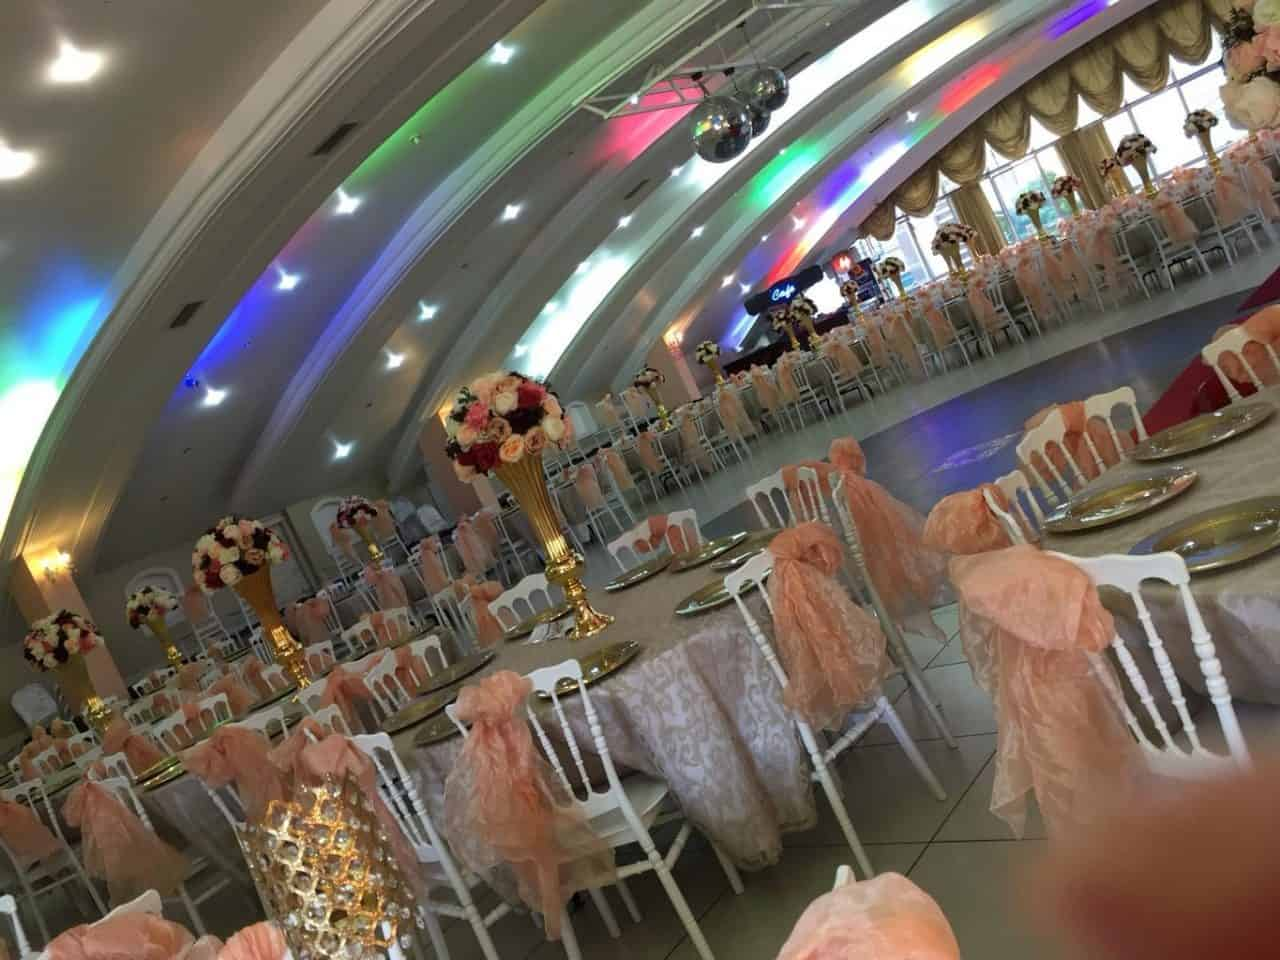 kemer düğün salonu bağcılar istanbul düğün mekanları